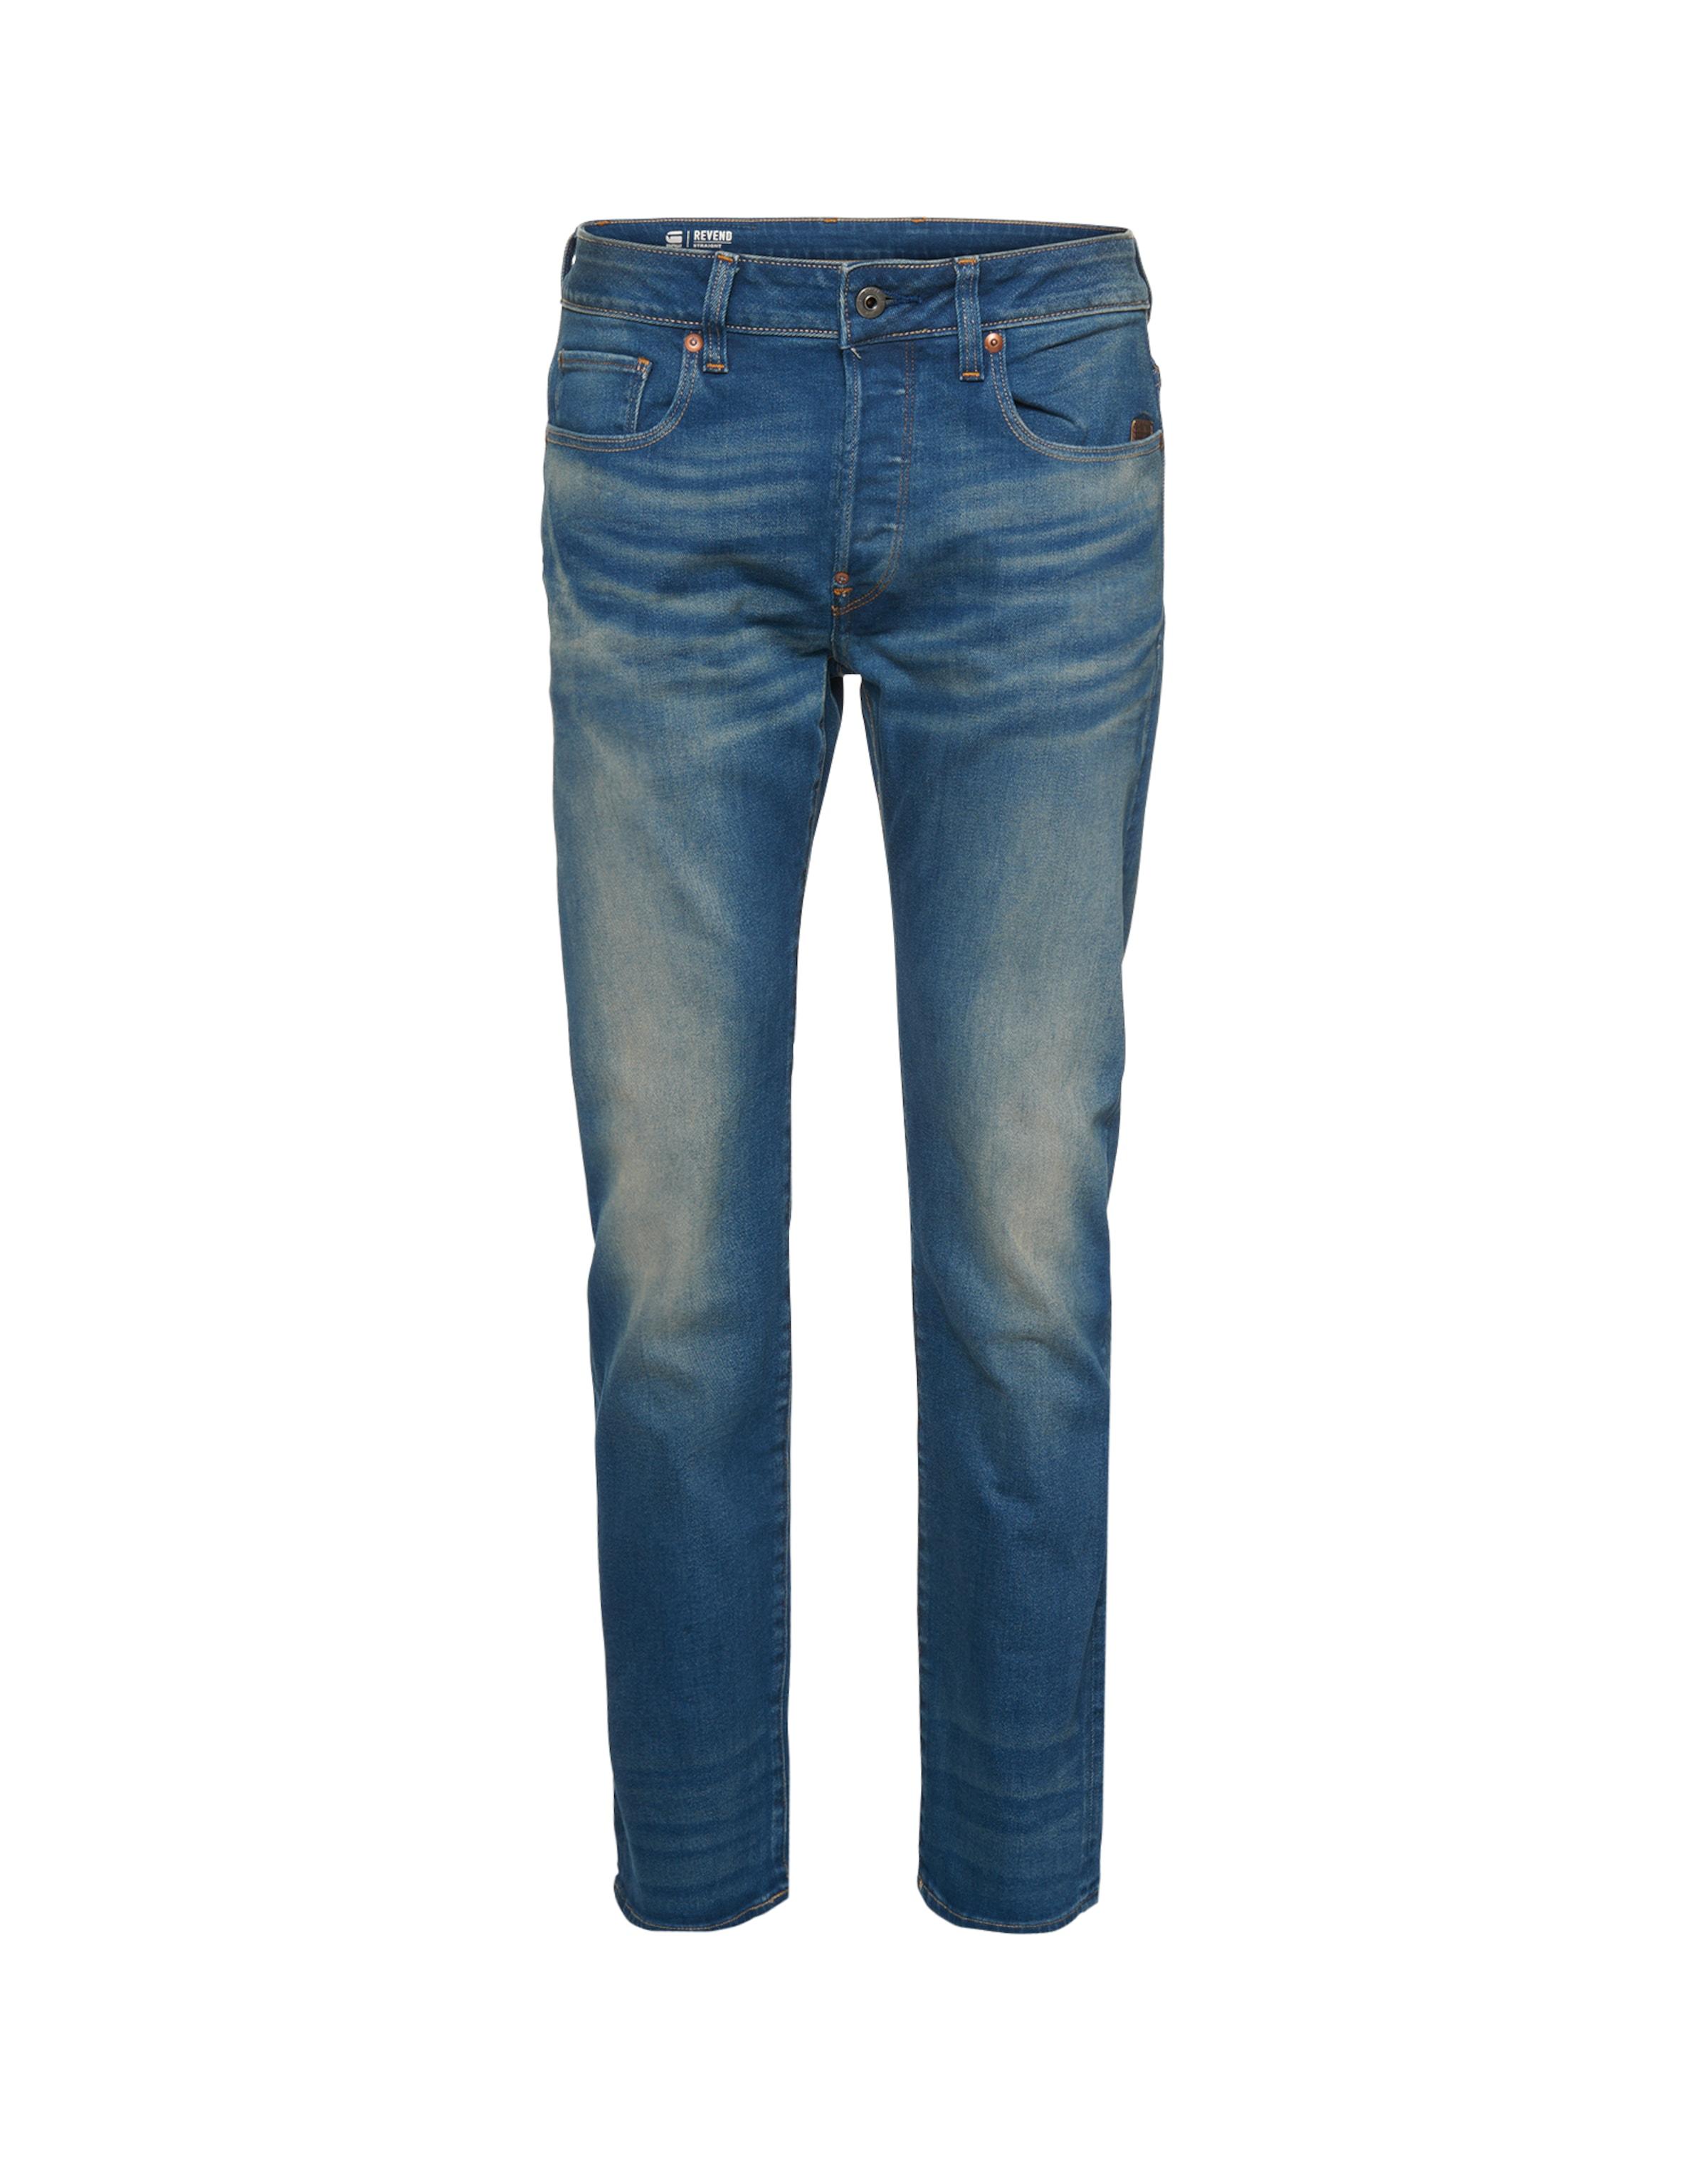 G-STAR RAW Jeans 'Revend Straight' Klassisch Günstig Kaufen Neueste Billiger Fabrikverkauf FtYxU